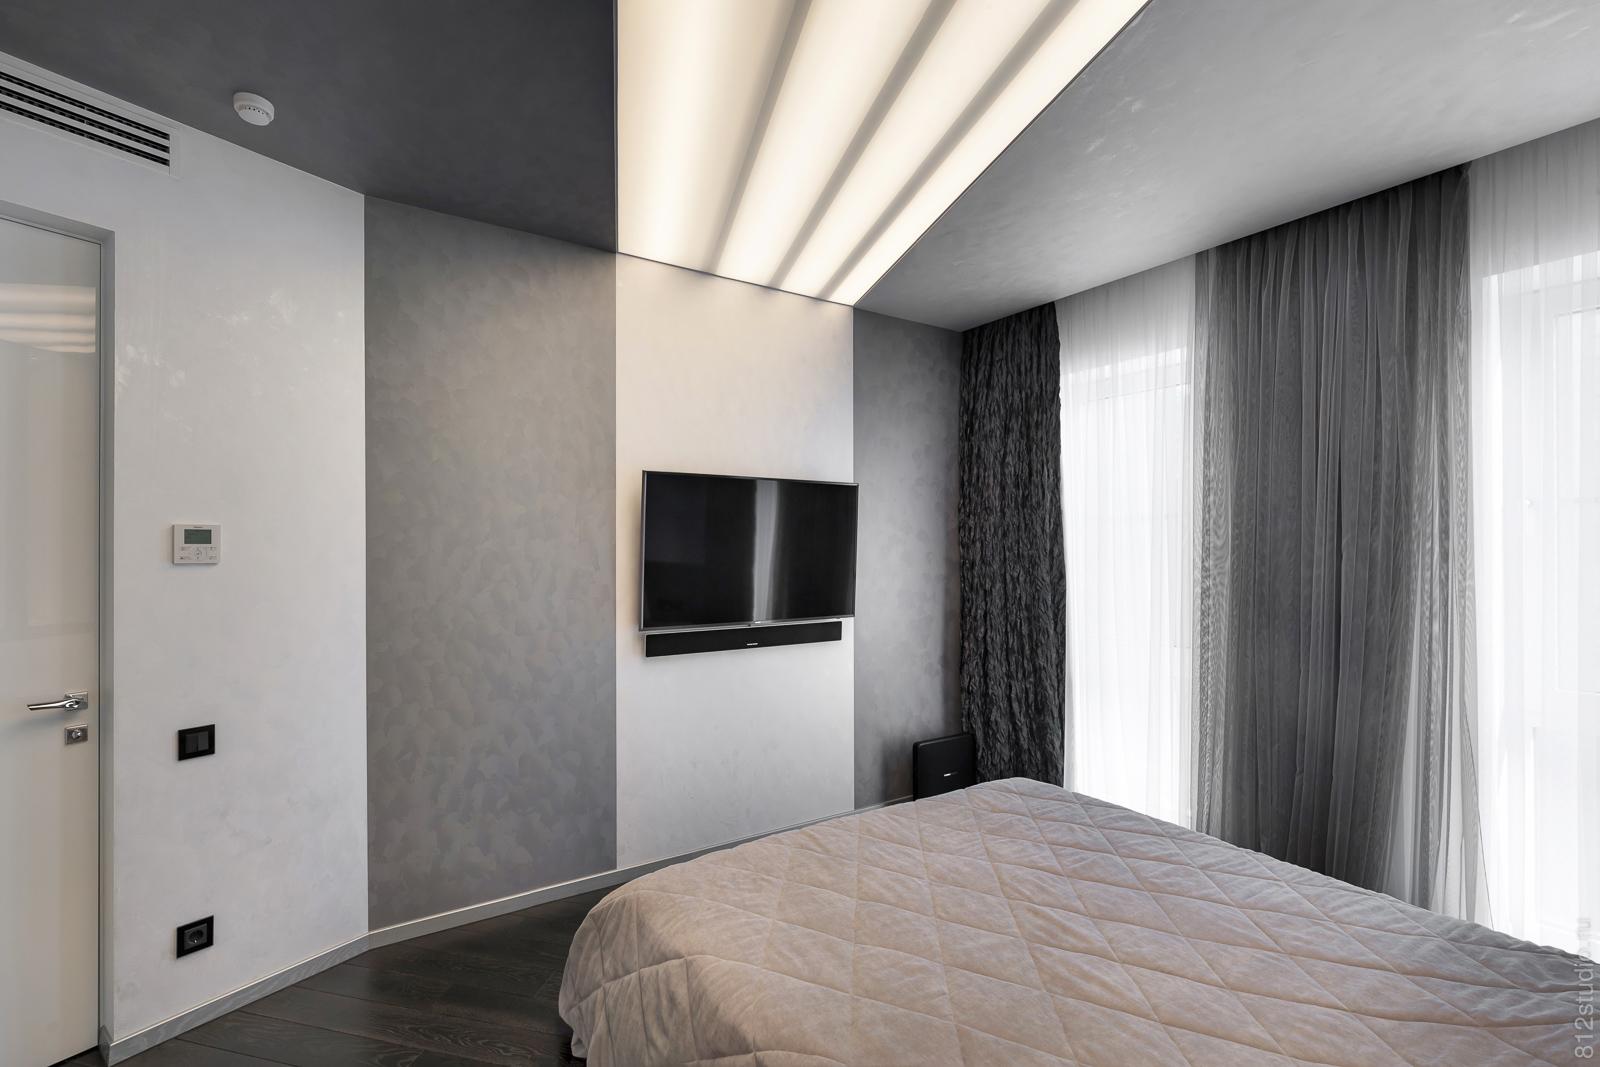 camelia_bedroom_09